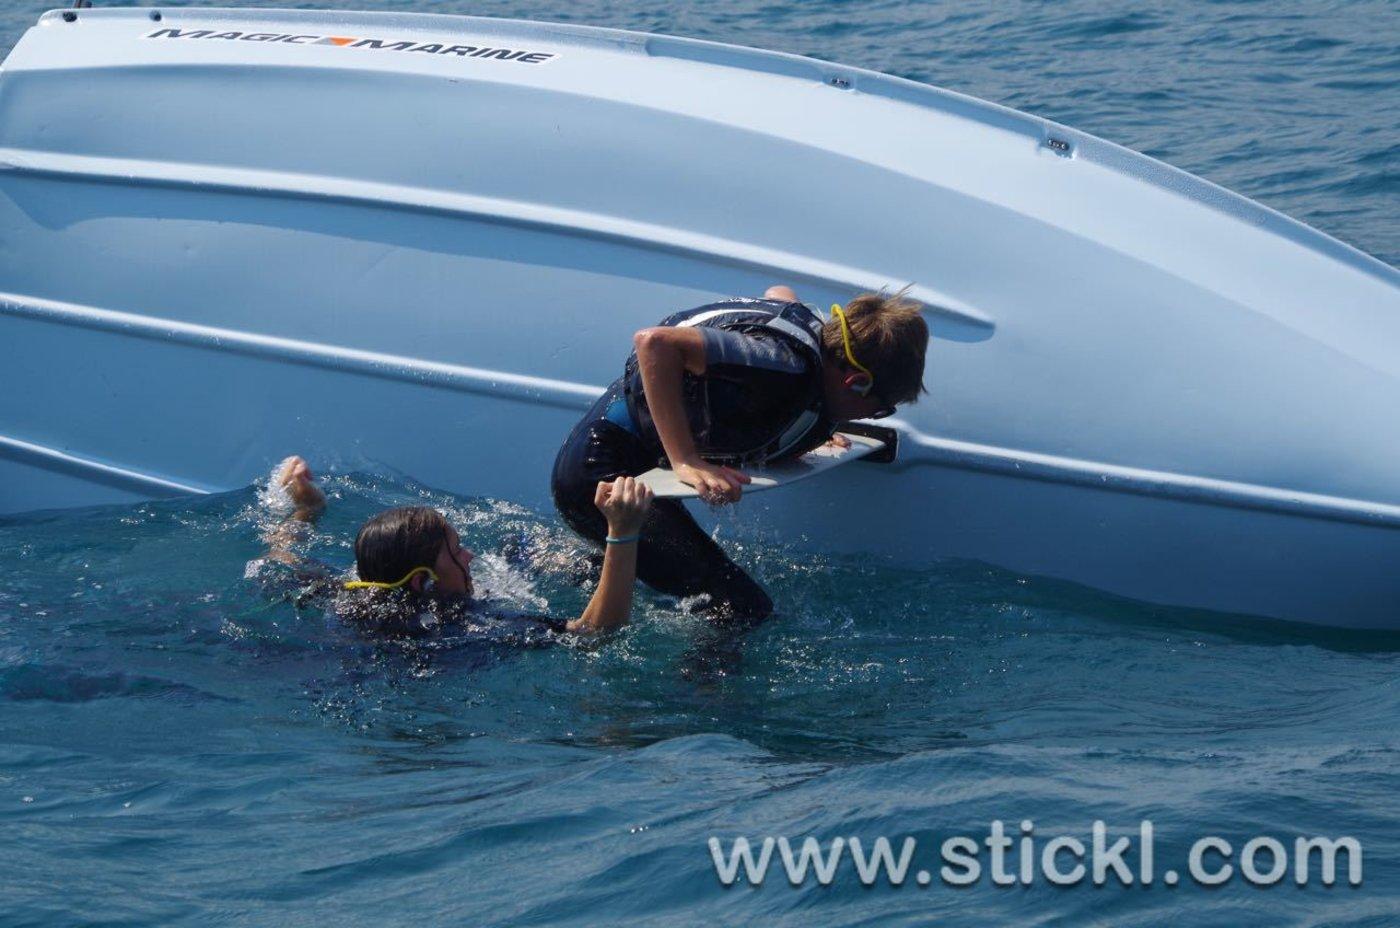 gekentertes Segelboot mit zwei jungen Seglern